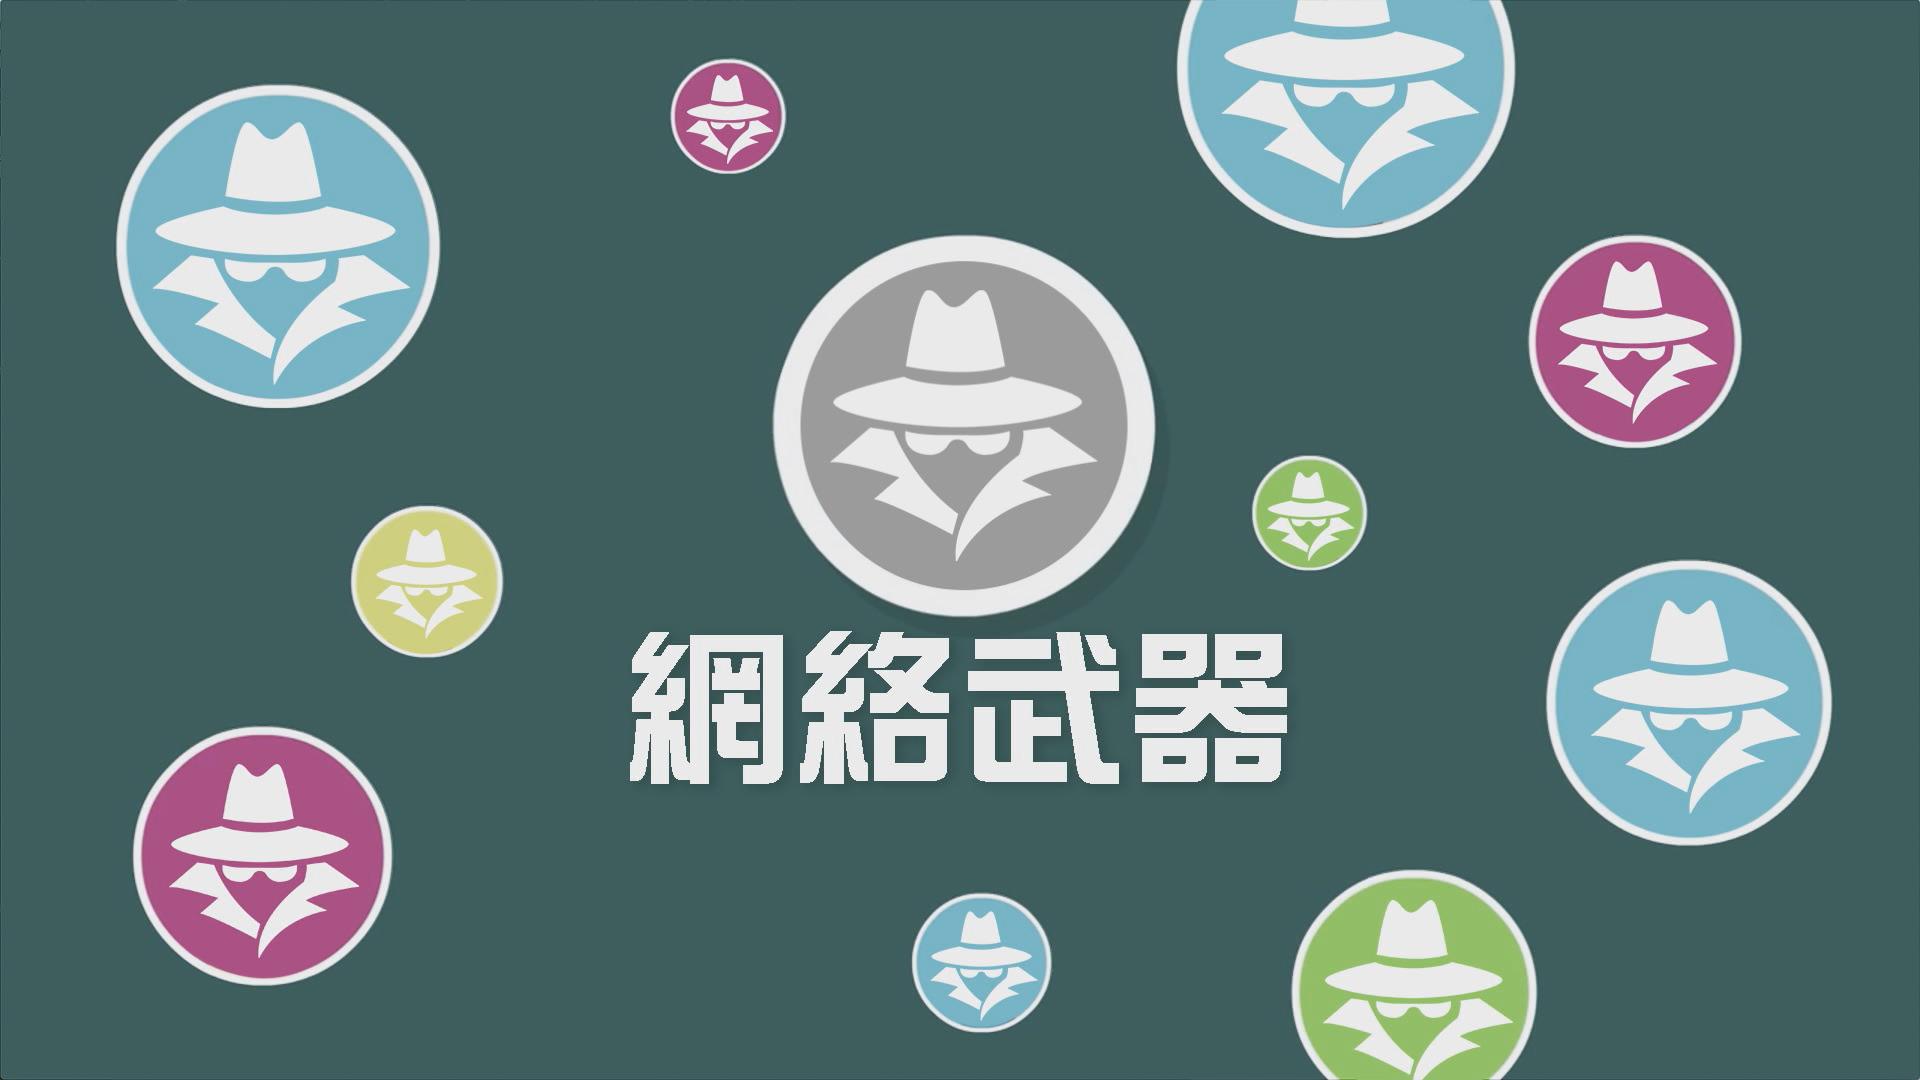 【新聞智庫】功能強大、列網絡武器 「飛馬」成以色列「外交橋樑」?